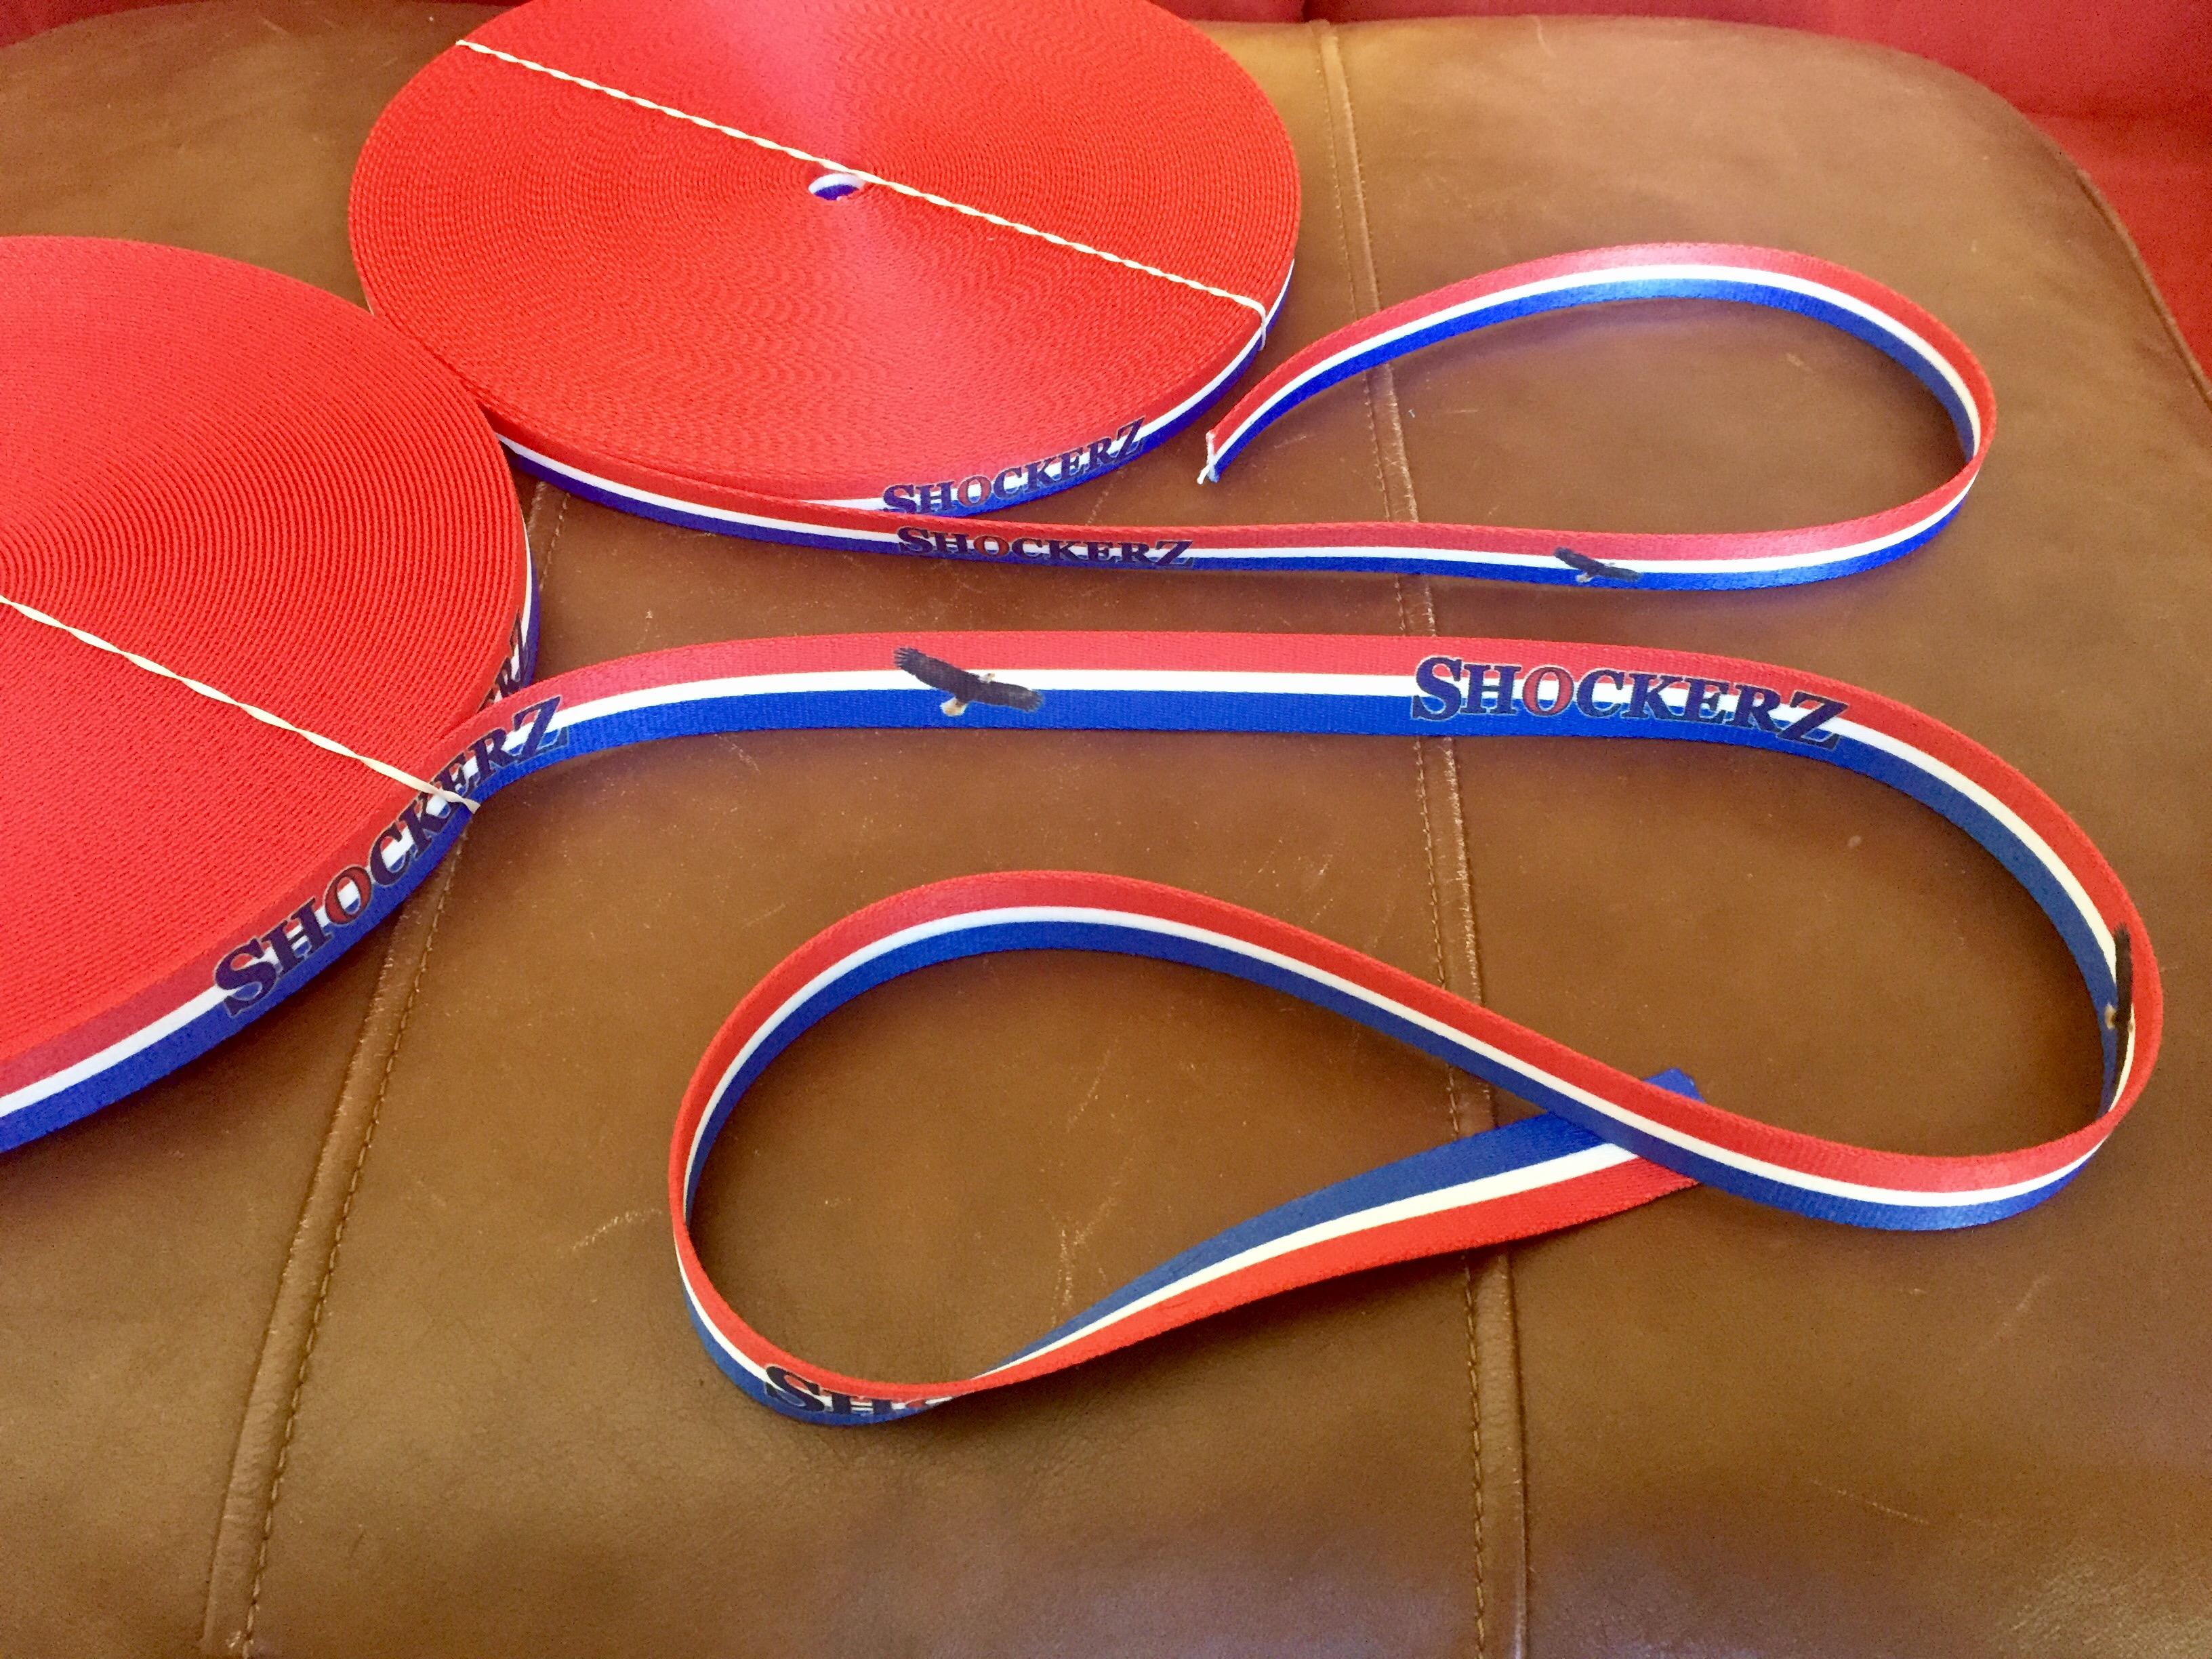 Shockerz 'Merica! straps